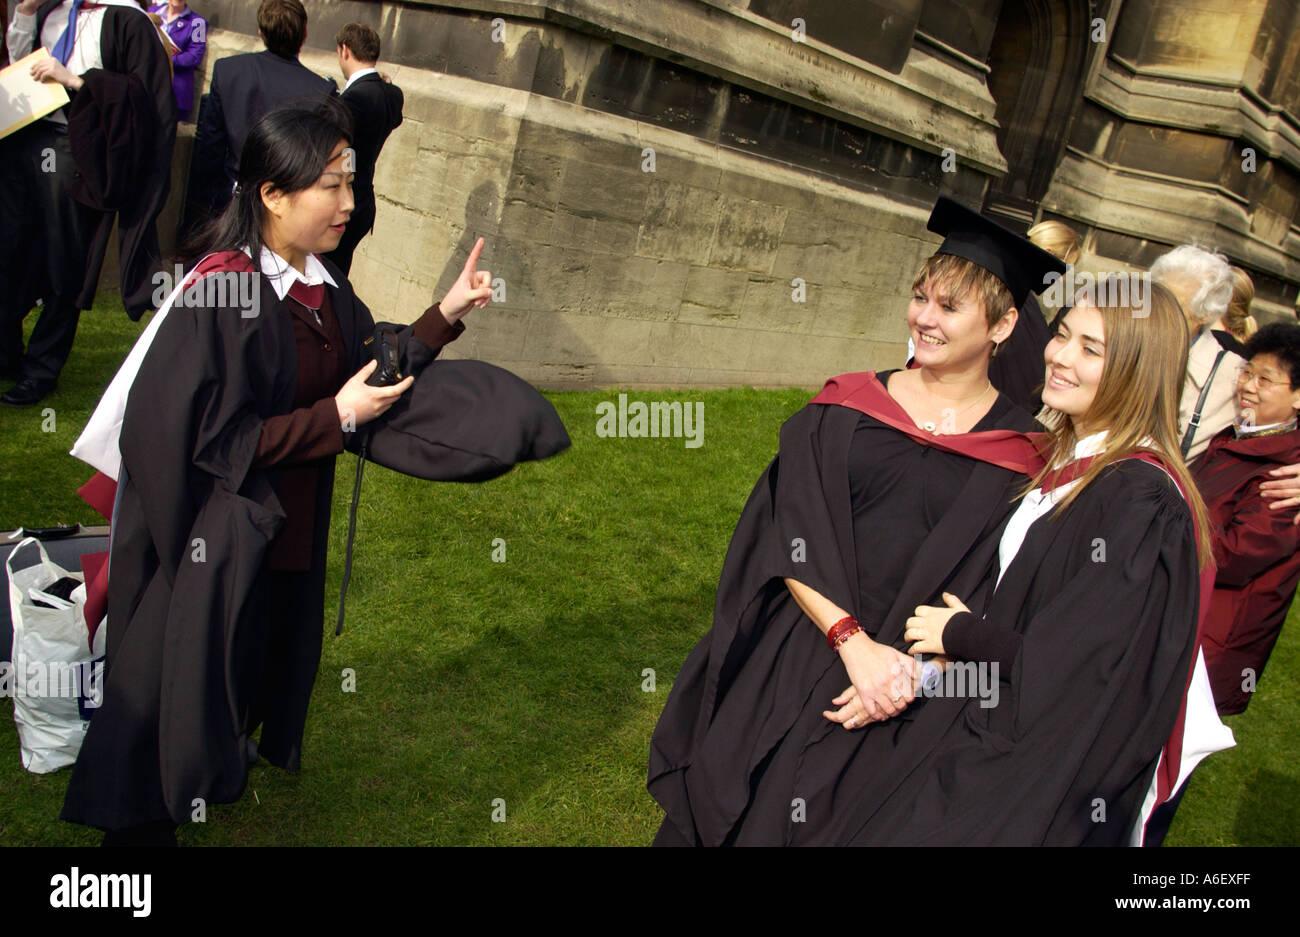 Ziemlich Rahmen Für College Abschluss Fotos - Benutzerdefinierte ...